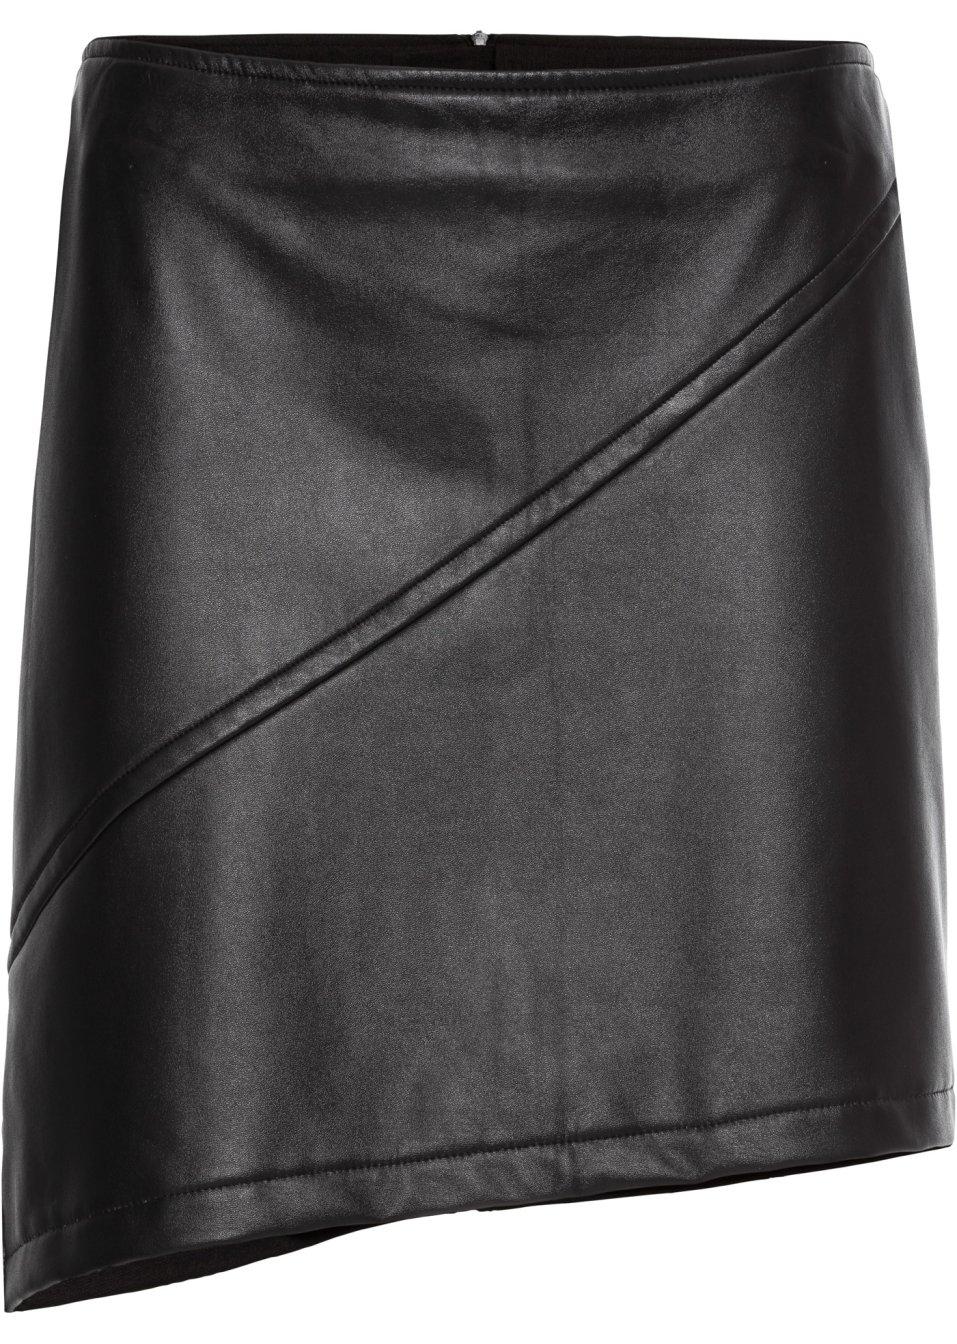 jupe en synth tique imitation cuir noir femme rainbow. Black Bedroom Furniture Sets. Home Design Ideas